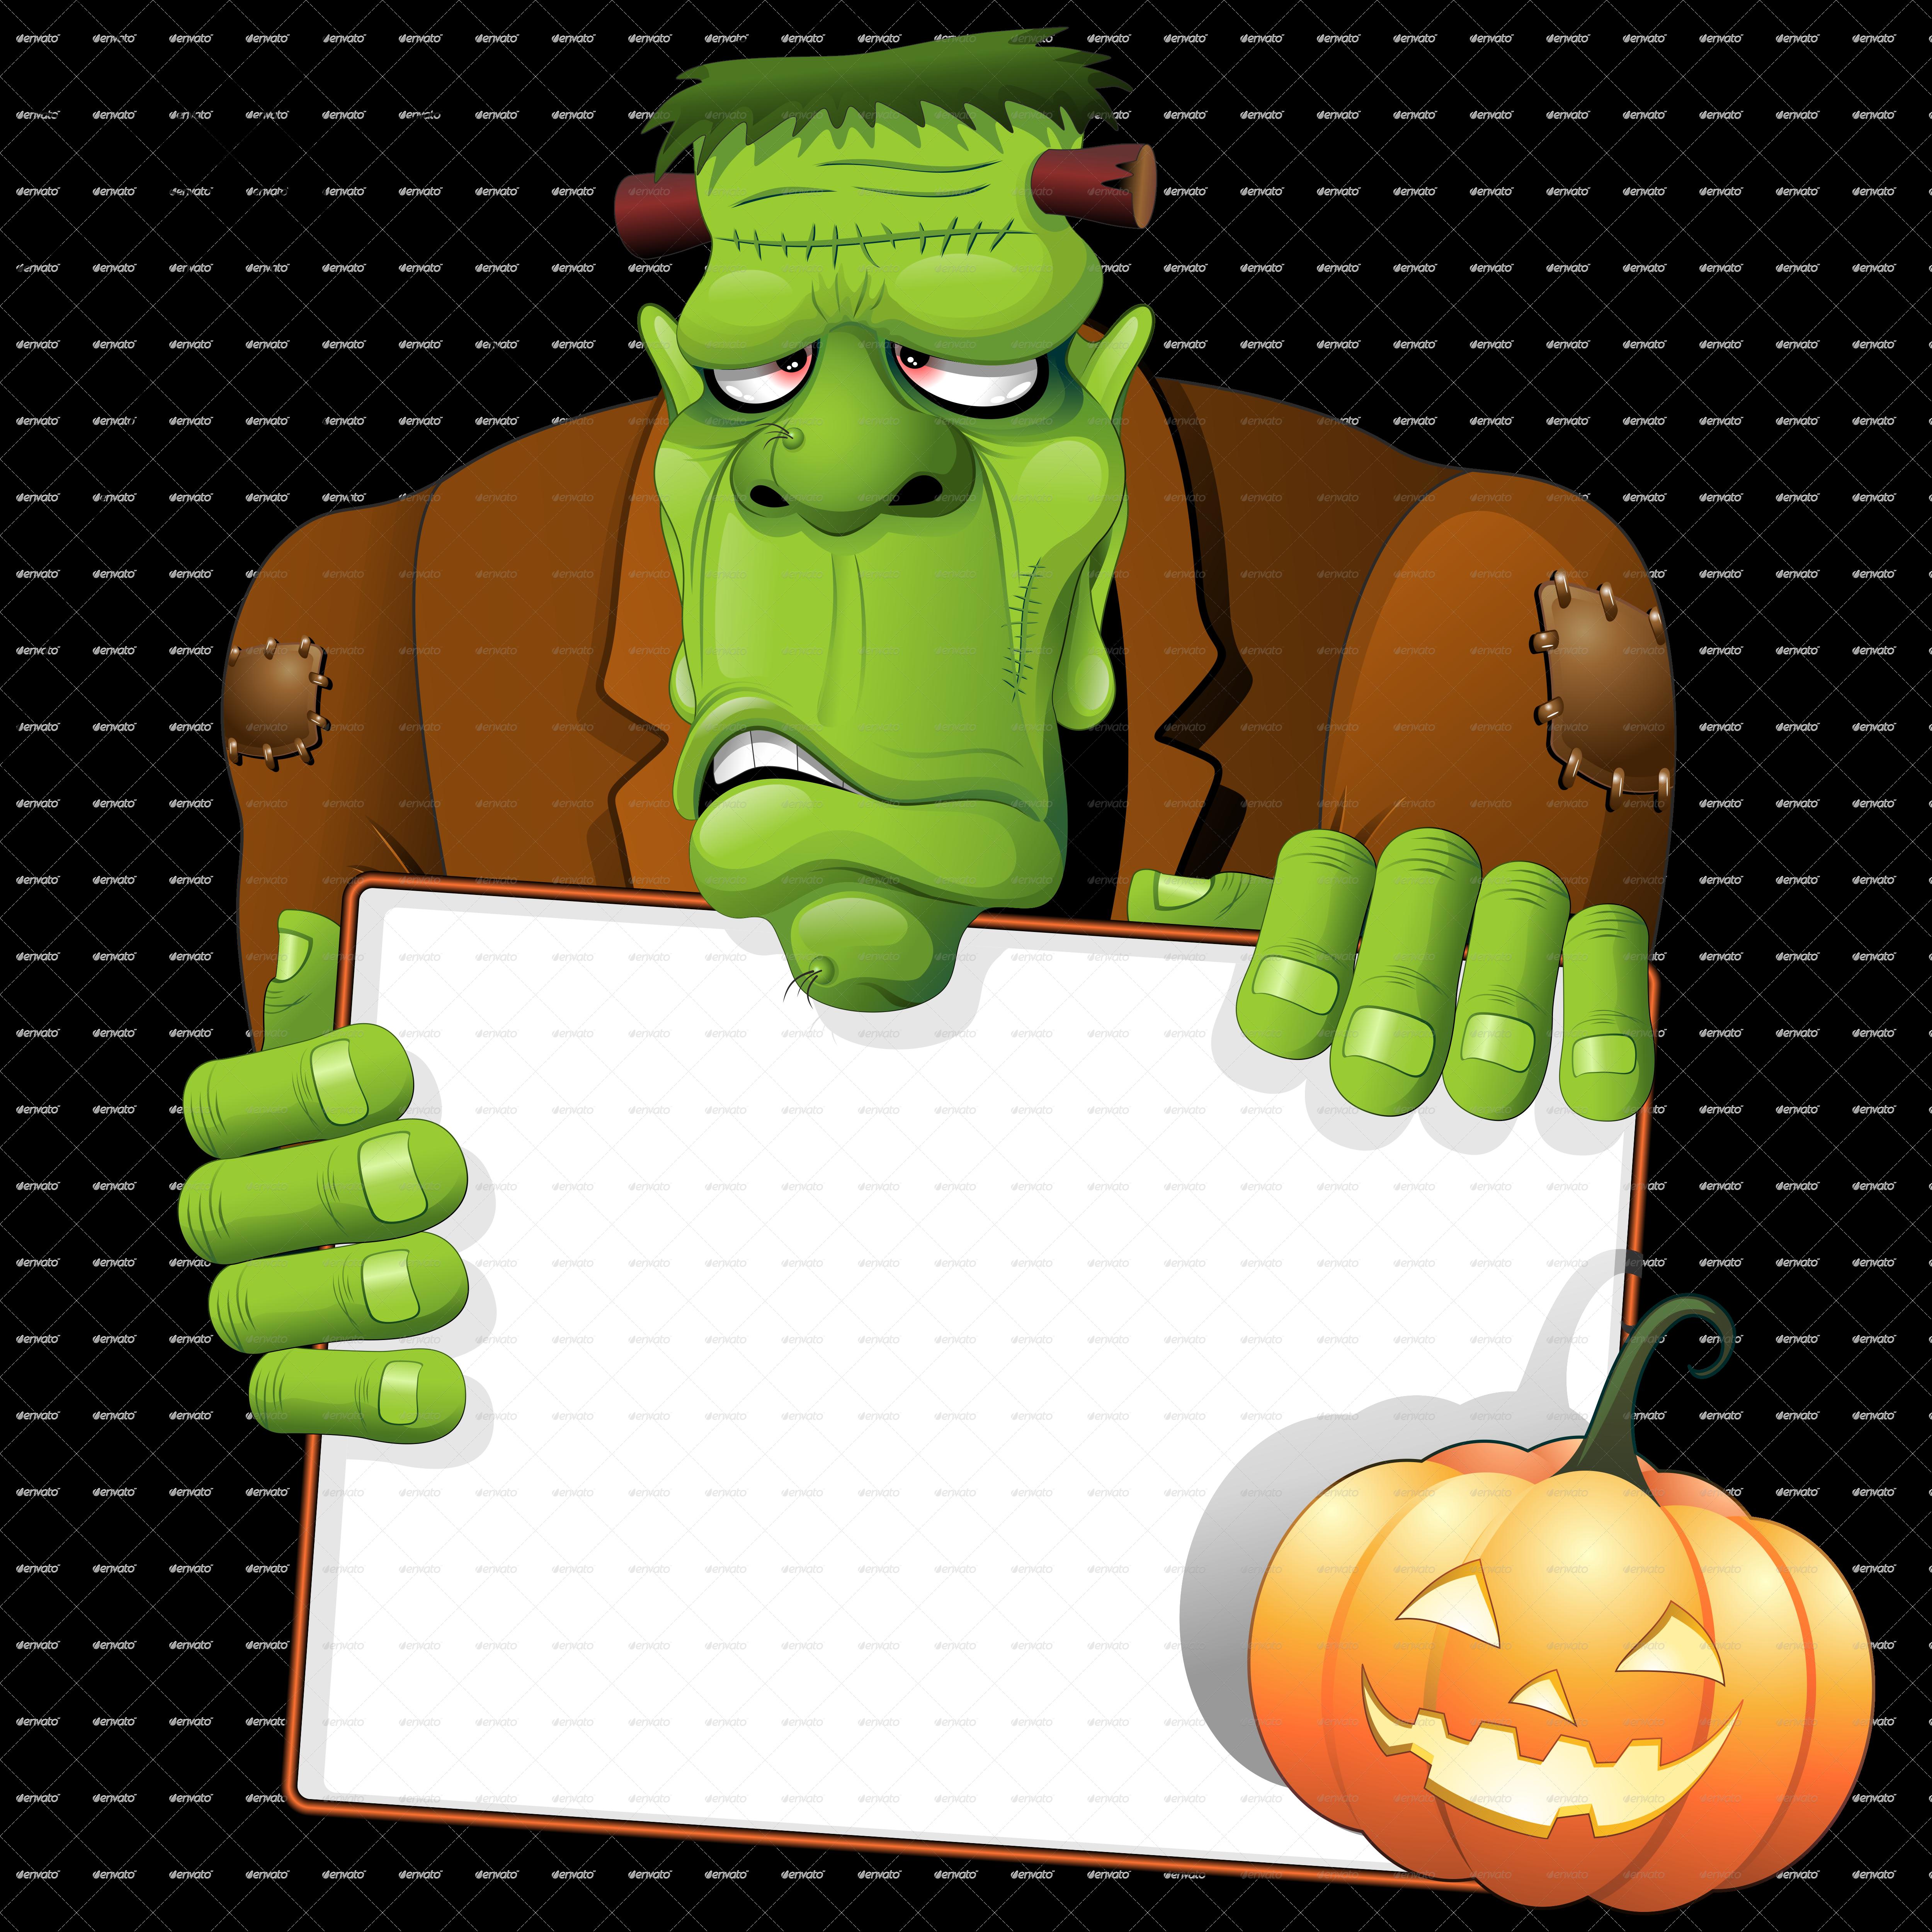 Frankenstein Cartoon With White Panel And Pumpkin By Bluedarkat